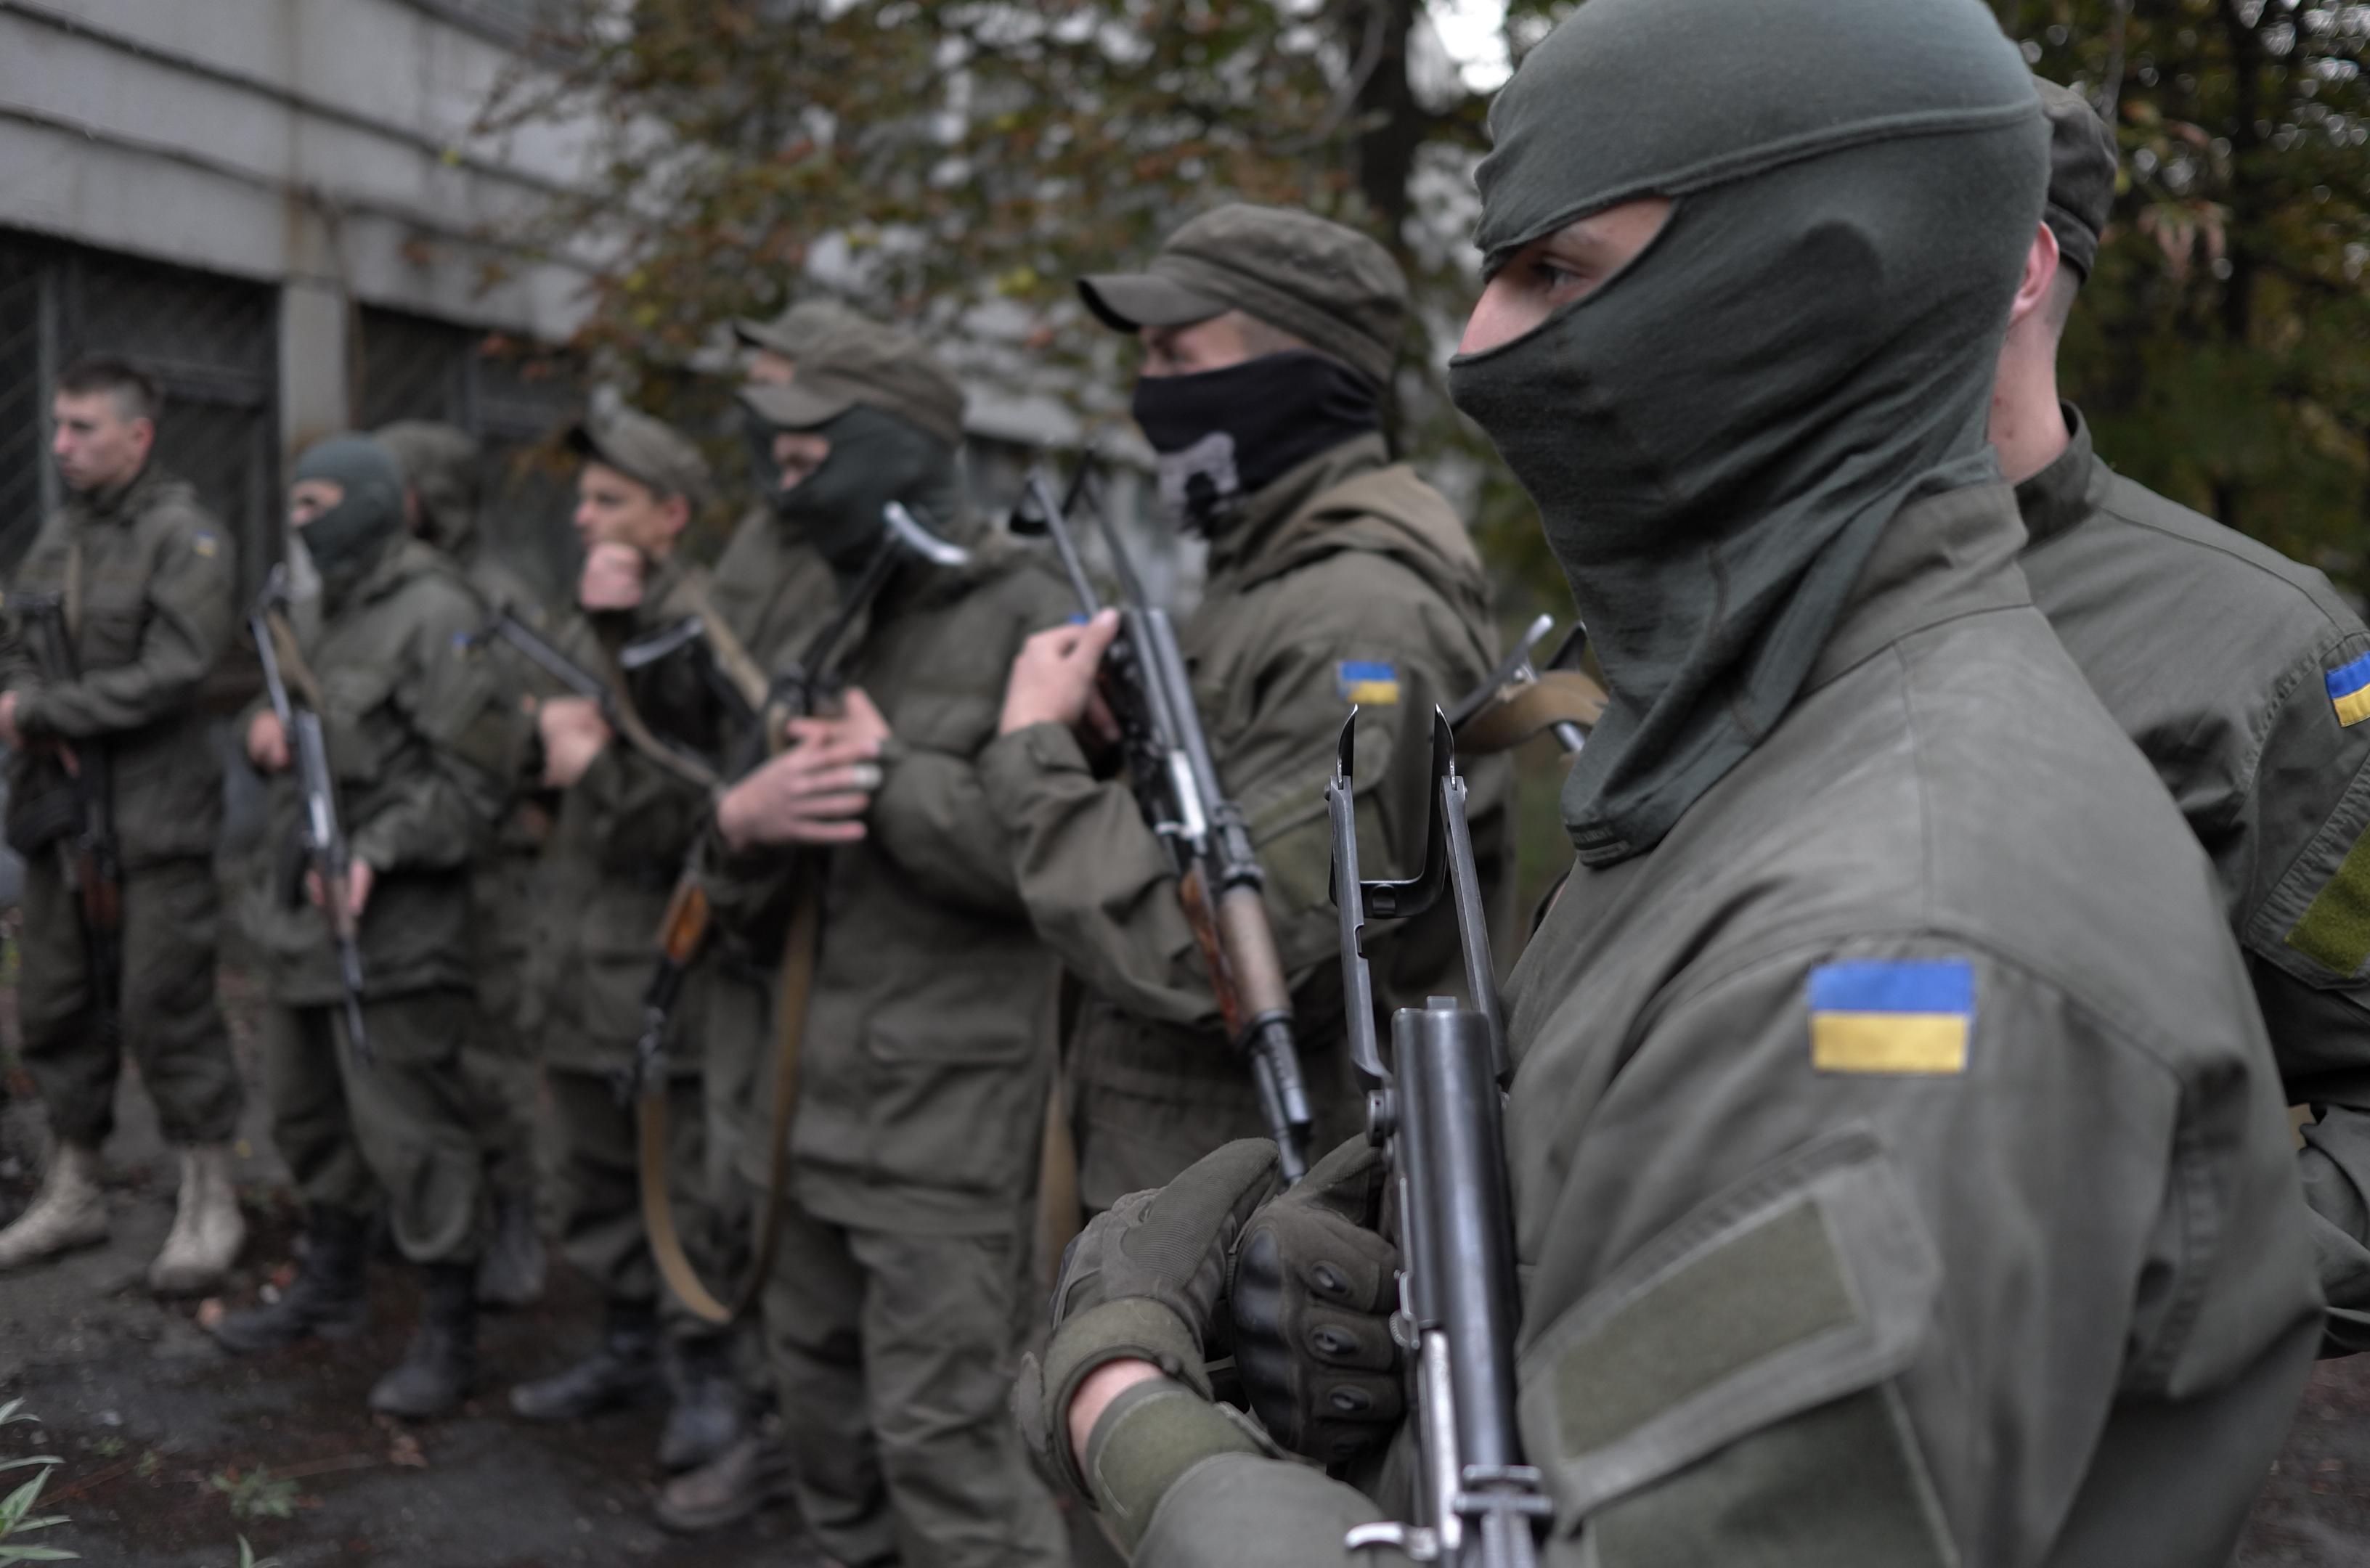 Affrontements en Ukraine : Ce qui est caché par les médias et les partis politiques pro-européens - Page 15 Volontaires-du-groupe-arme-ultra-nationaliste-AzovcPREMIERES-LIGNES